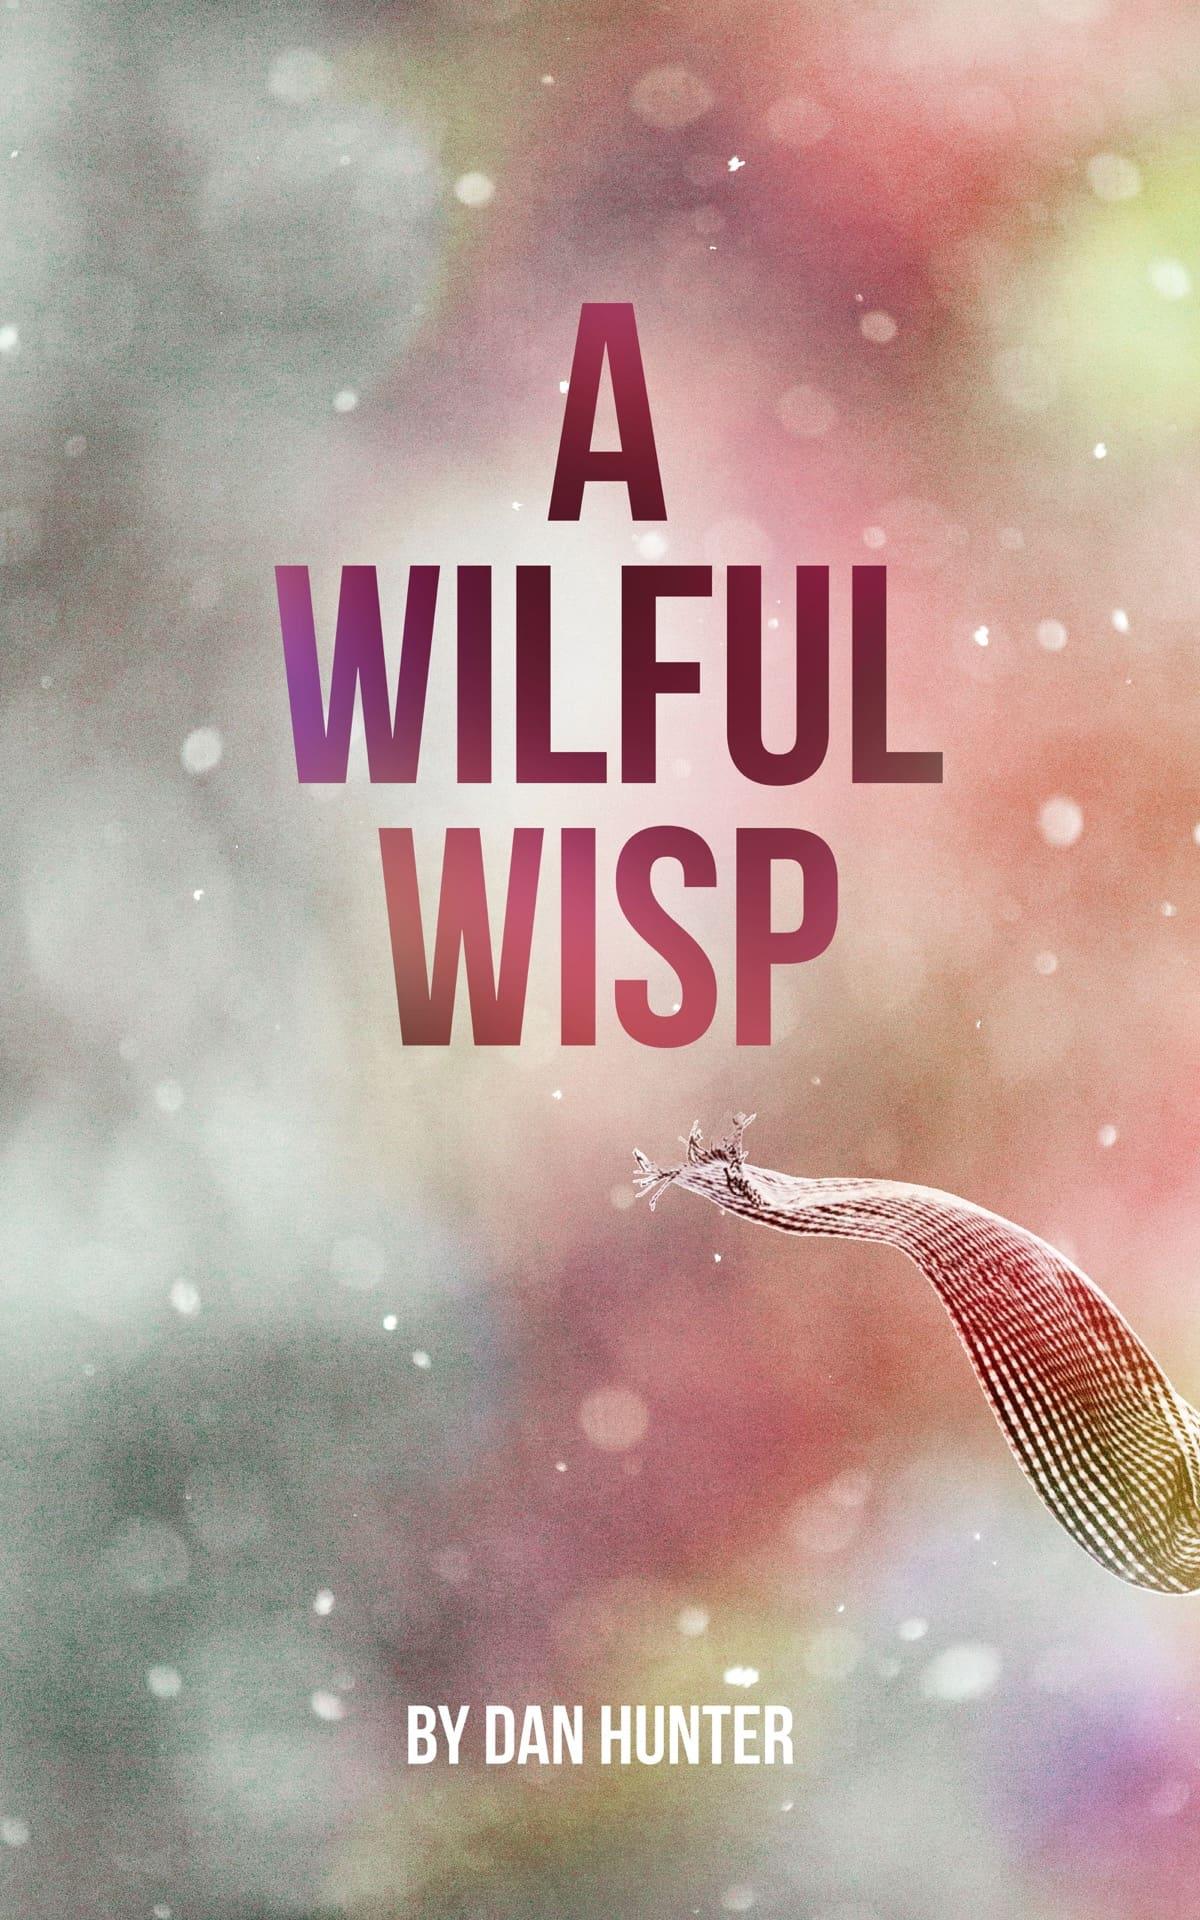 A Wilful Wisp